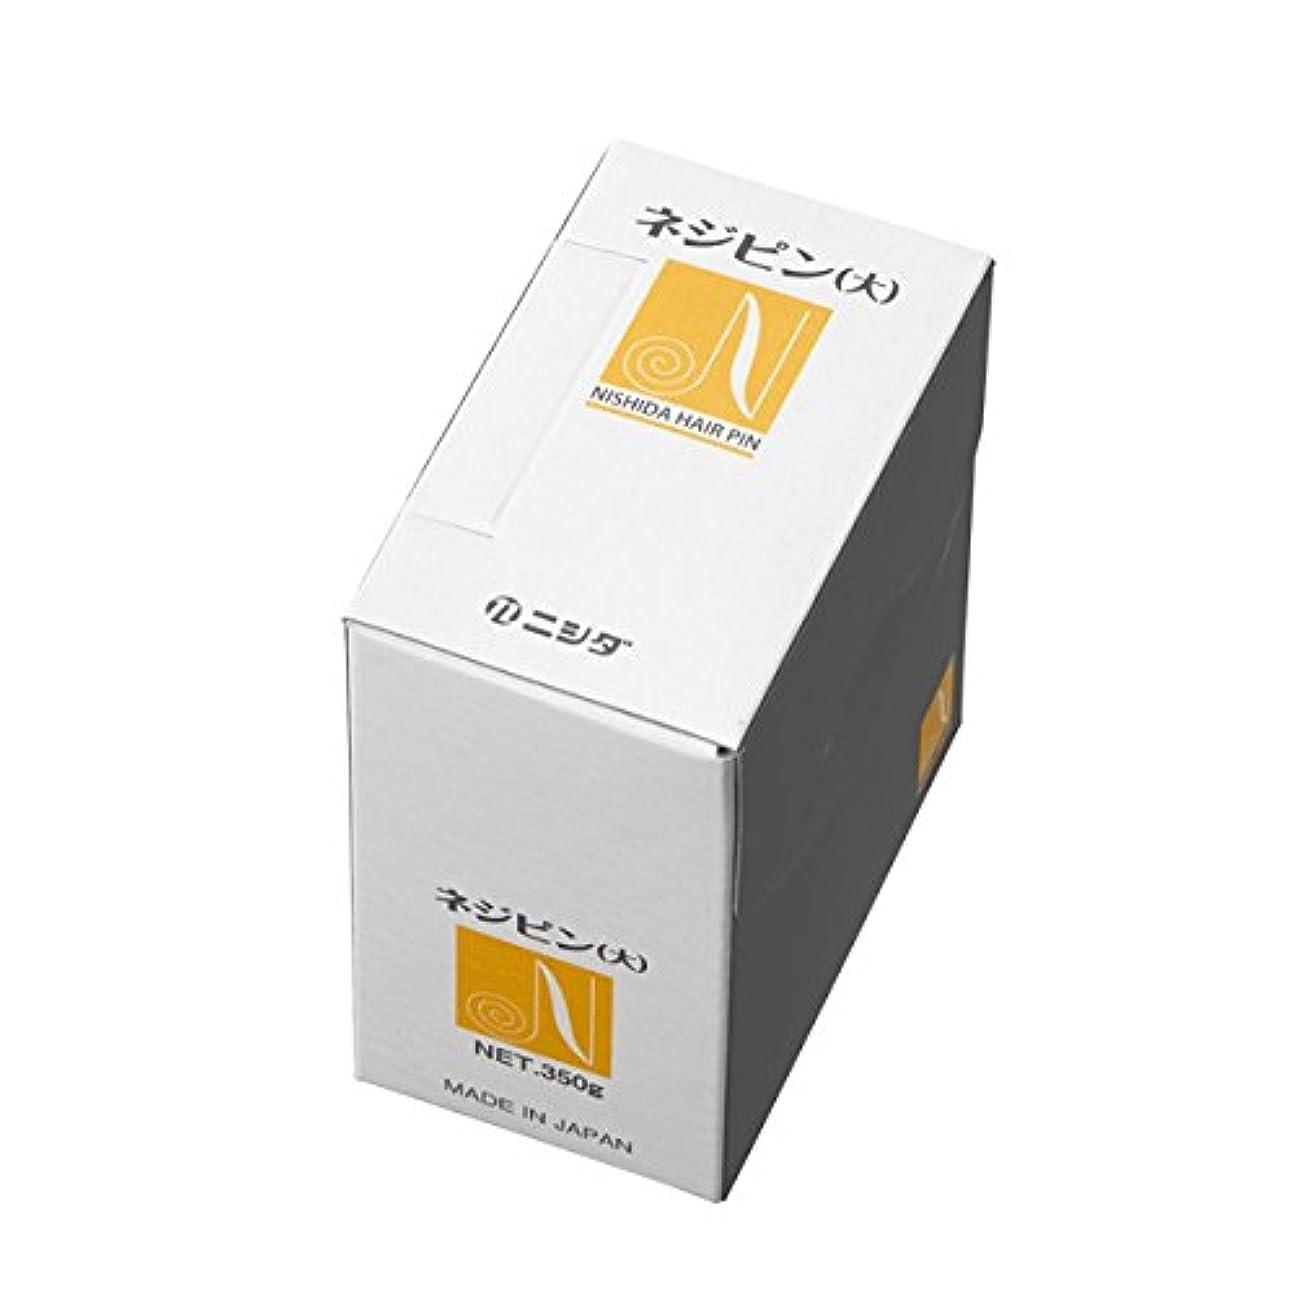 世界的にエキスパートチェスをするニシダピン ネジピン 350g 株式会社ニシダ プロフェッショナルユースでスタイリング自由自在